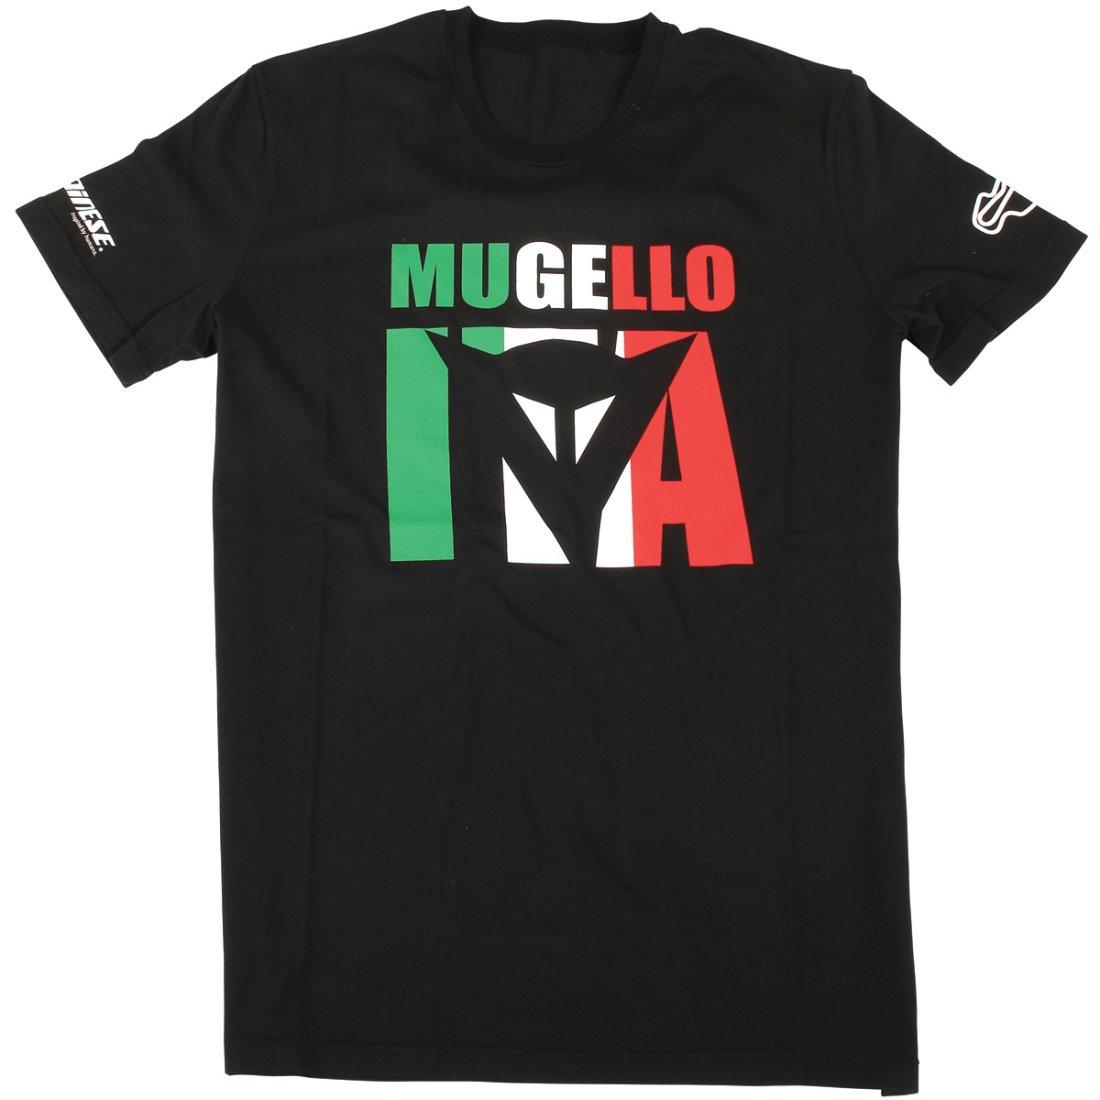 206 Camisetas moteras · Motocard fdc05058210